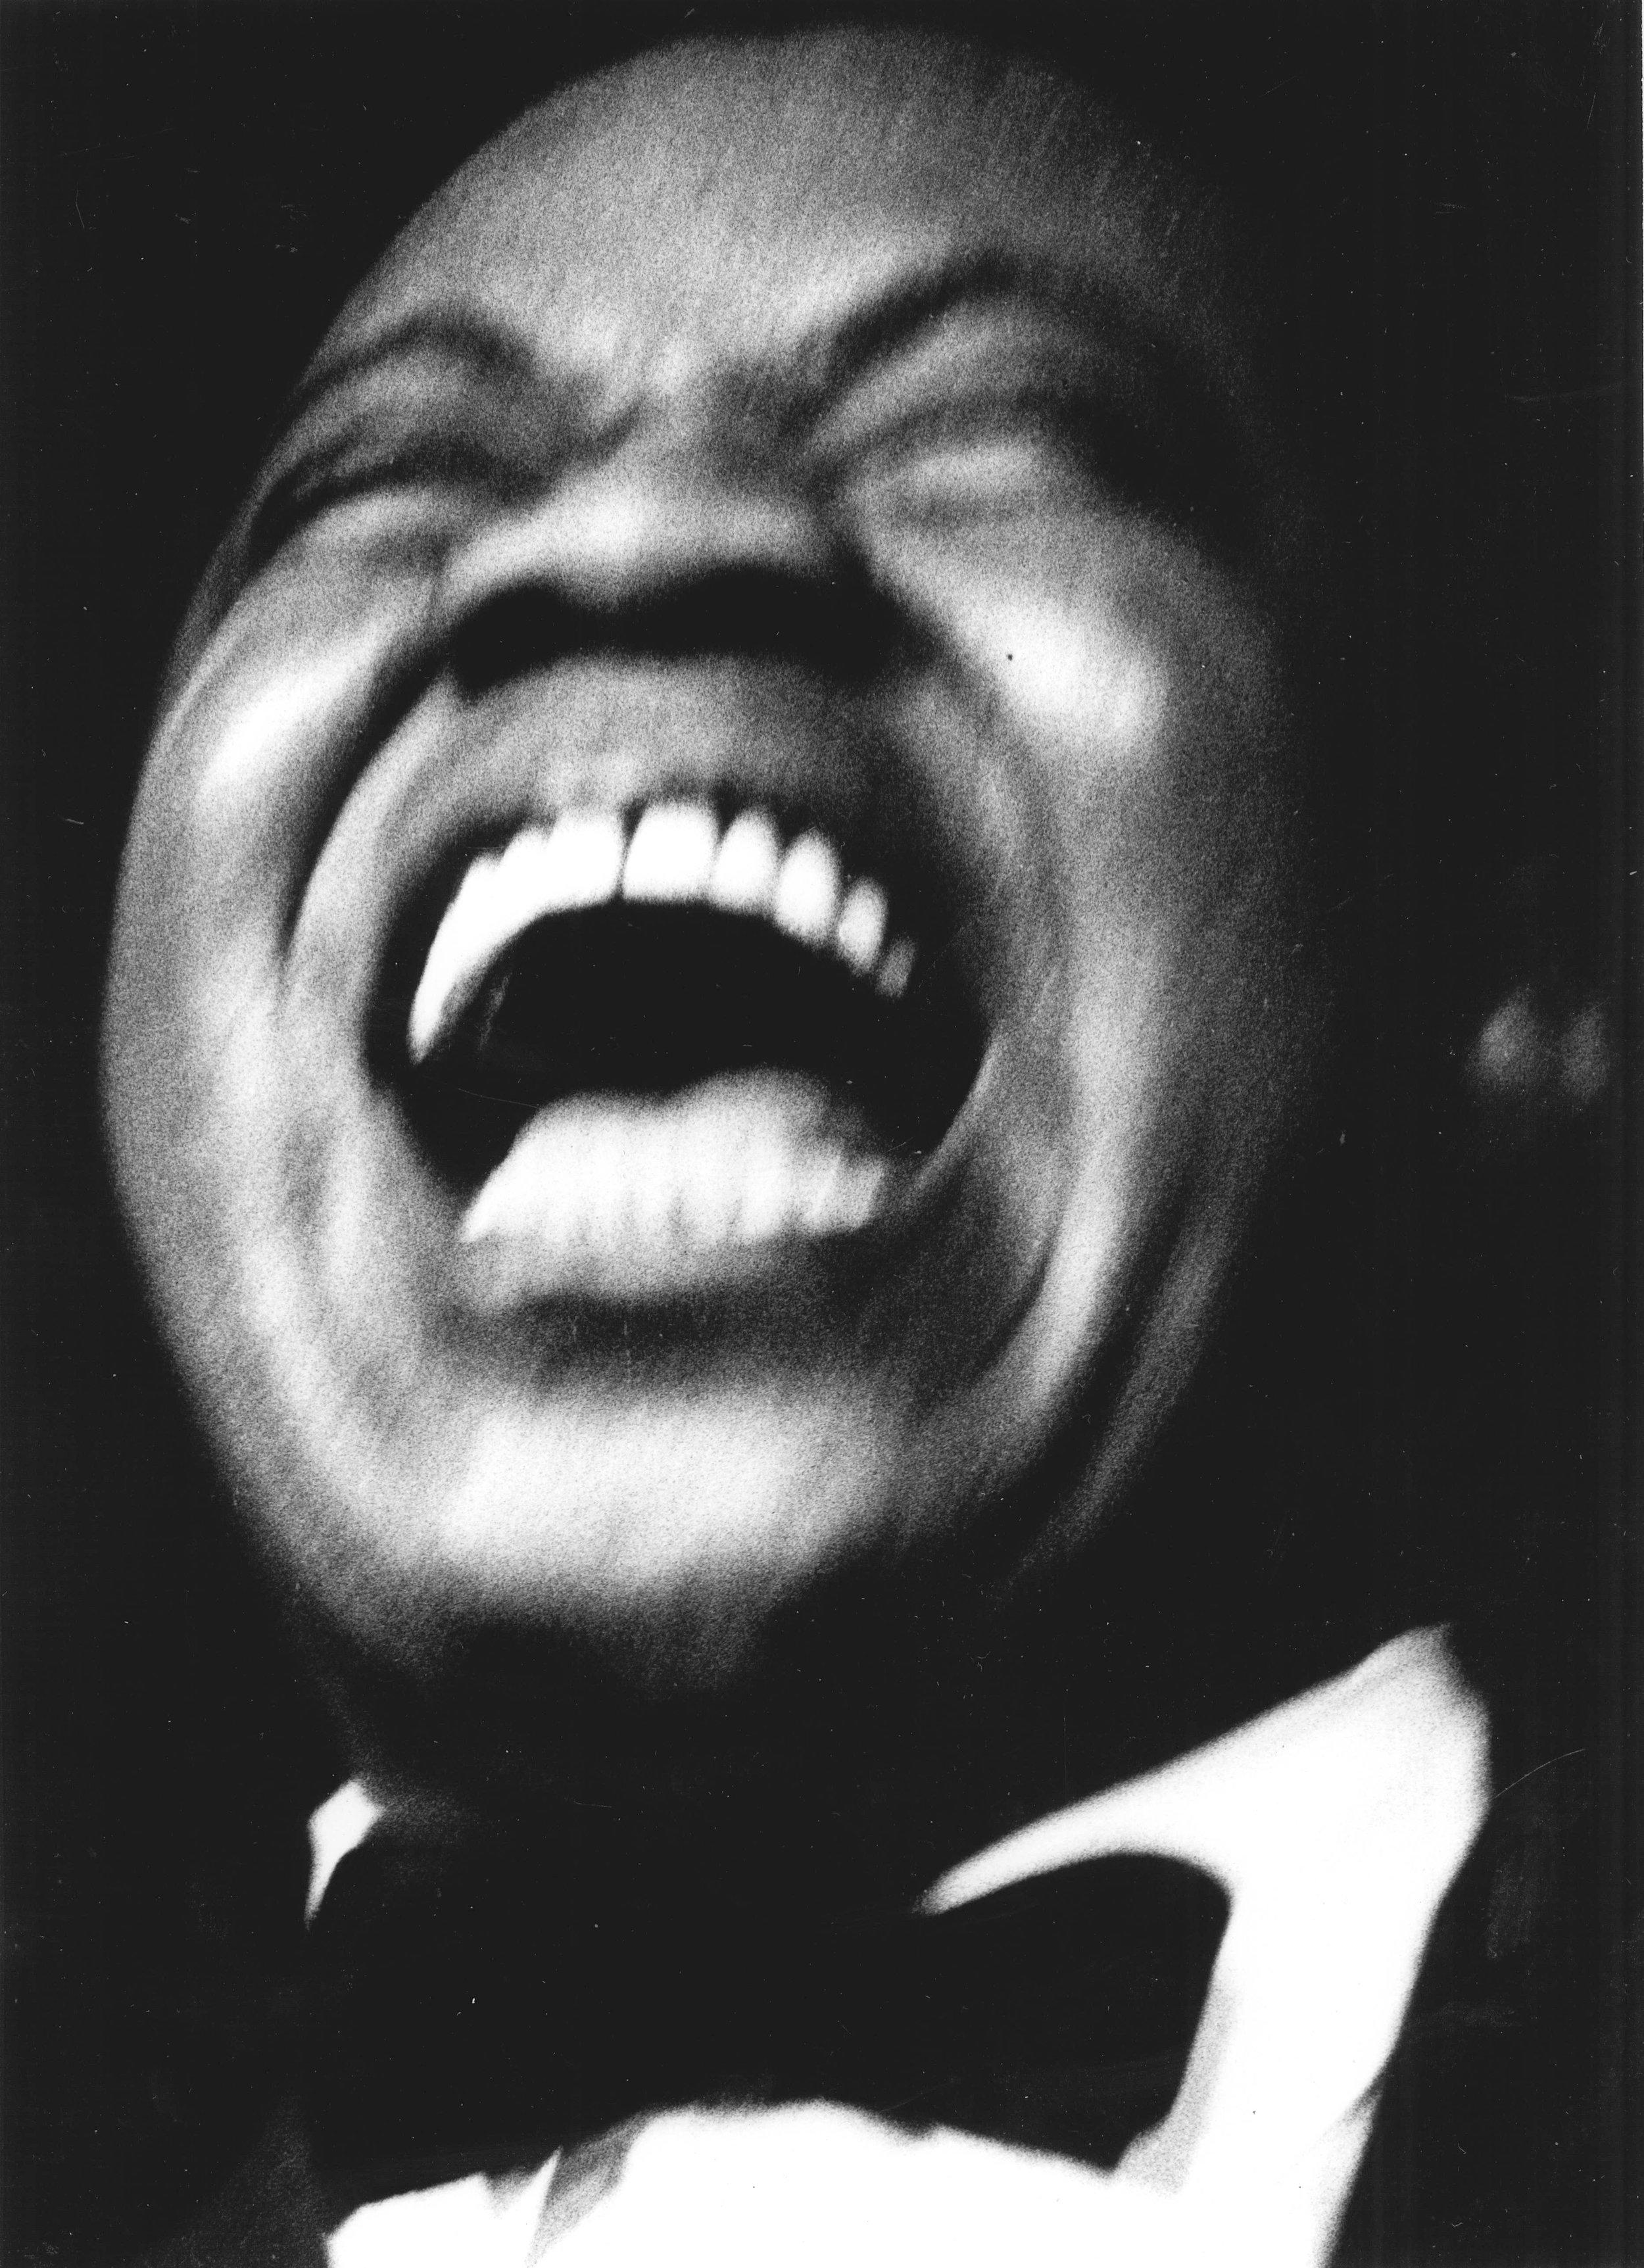 Big smile on stage, Basin Street East, 1954